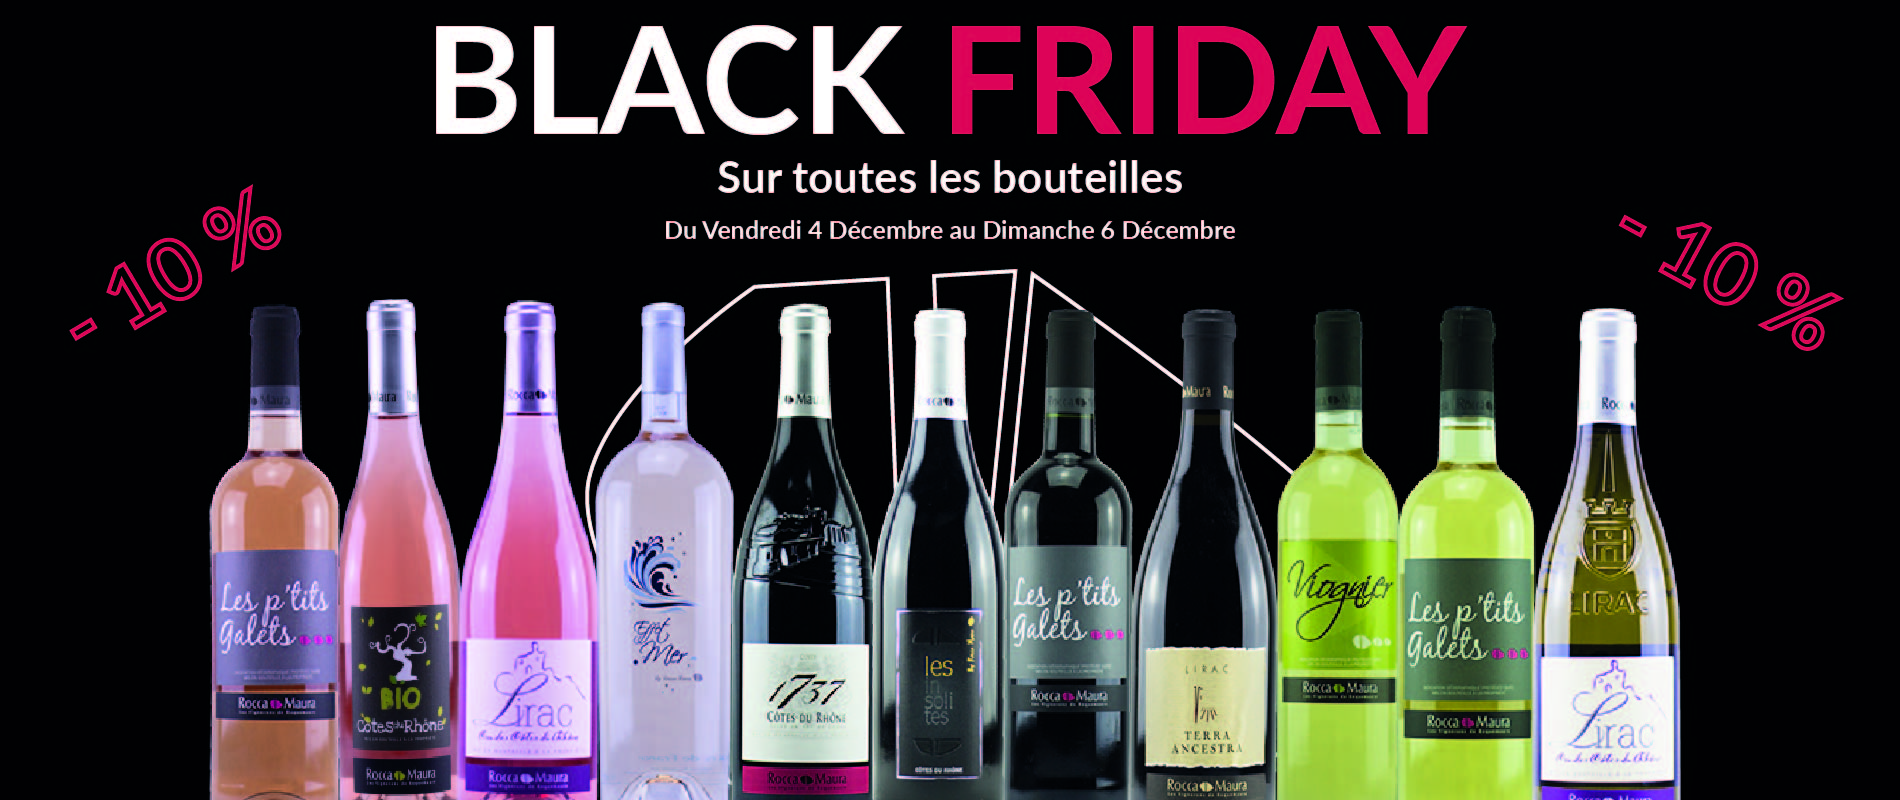 Black Friday sur les bouteilles chez Rocca Maura